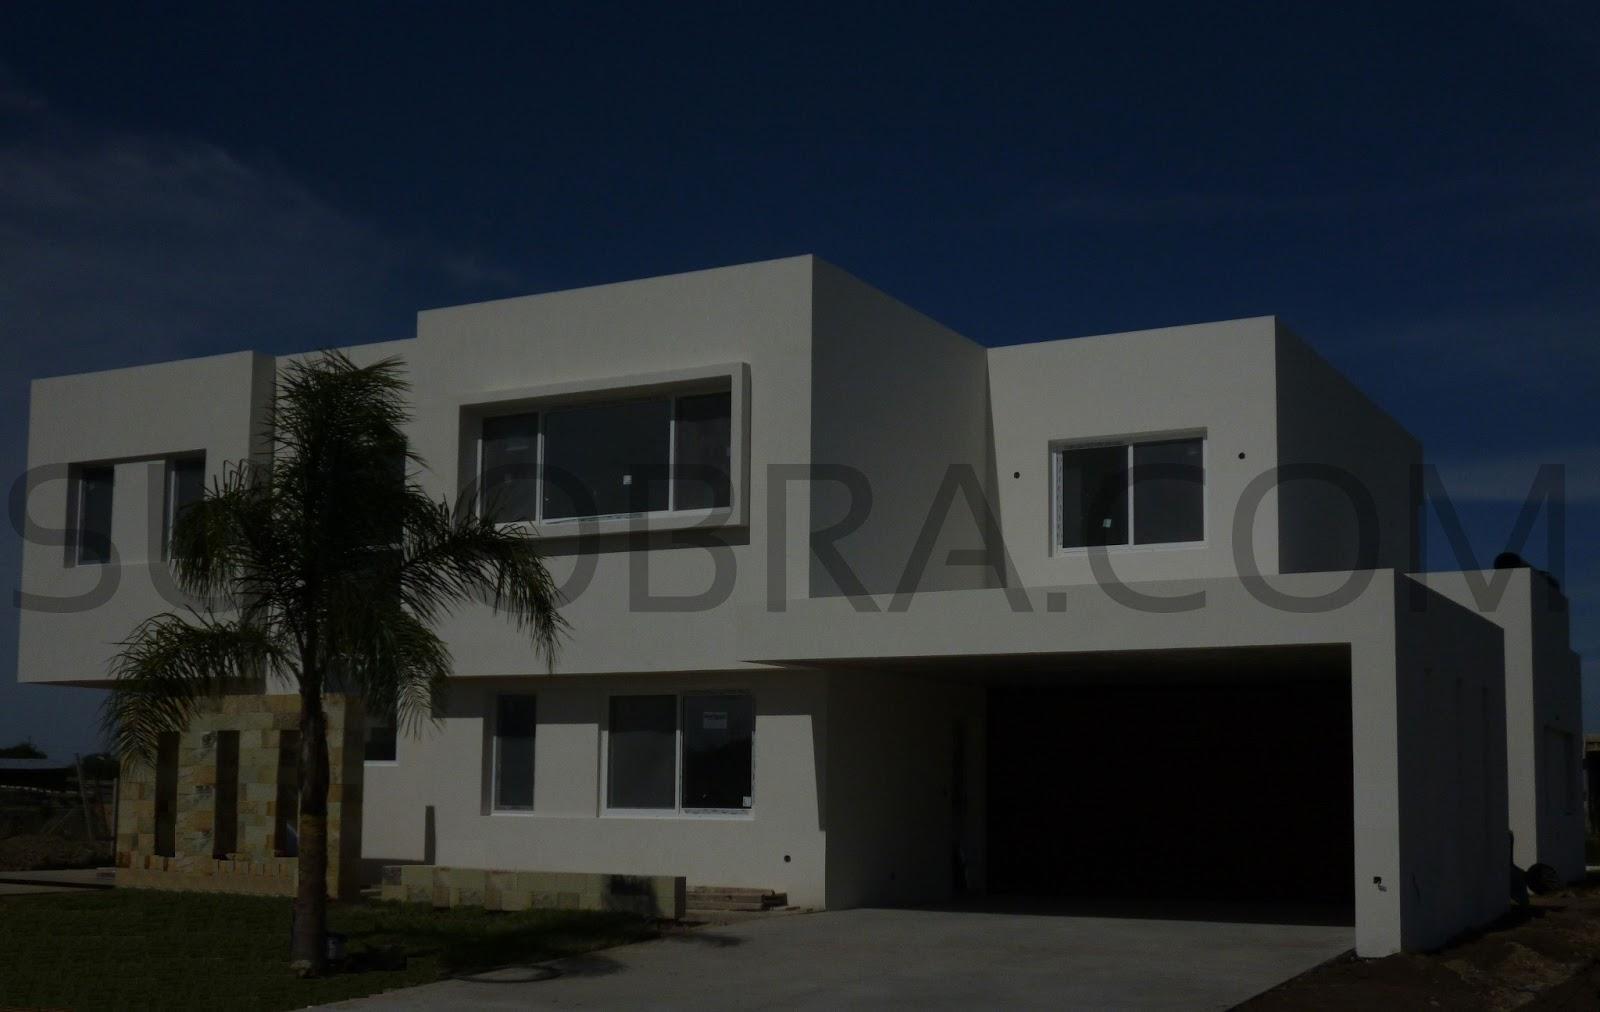 Blanco plus medio revestimiento pl stico para paredes - Revestimiento para exteriores ...